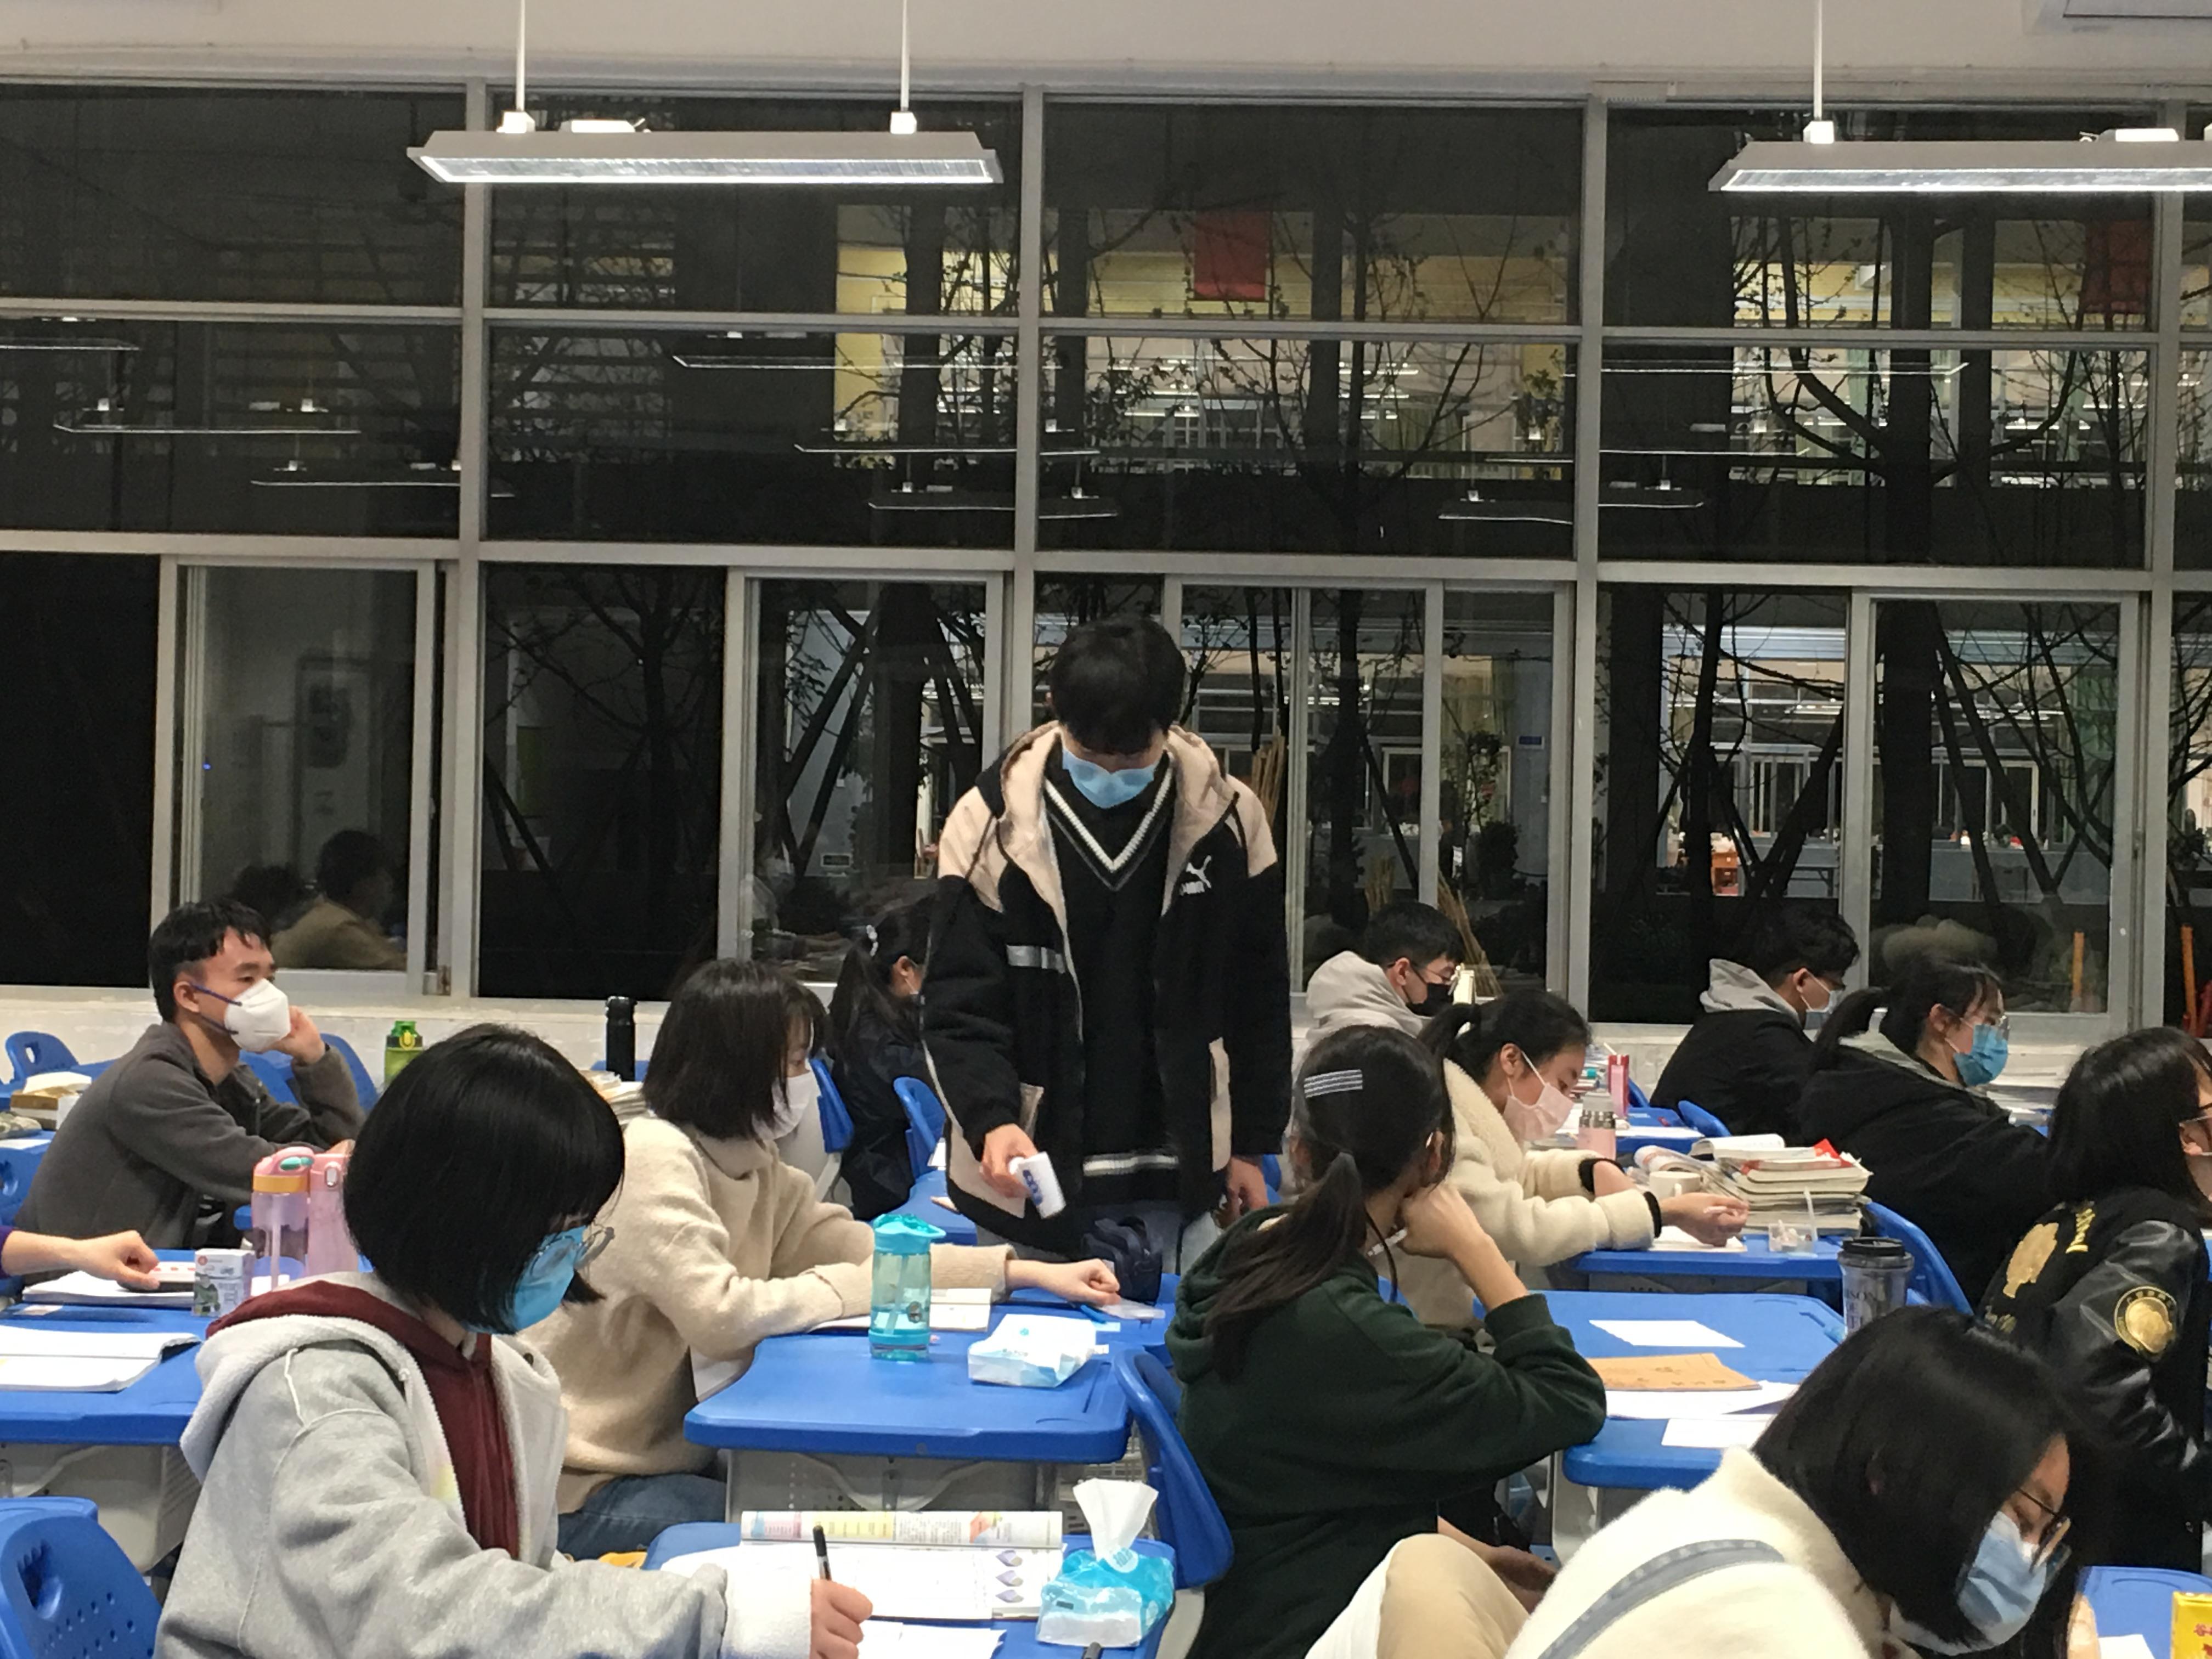 2020-2021年柳州高中防疫期間學生課前在教室內進行測試體溫.jpg